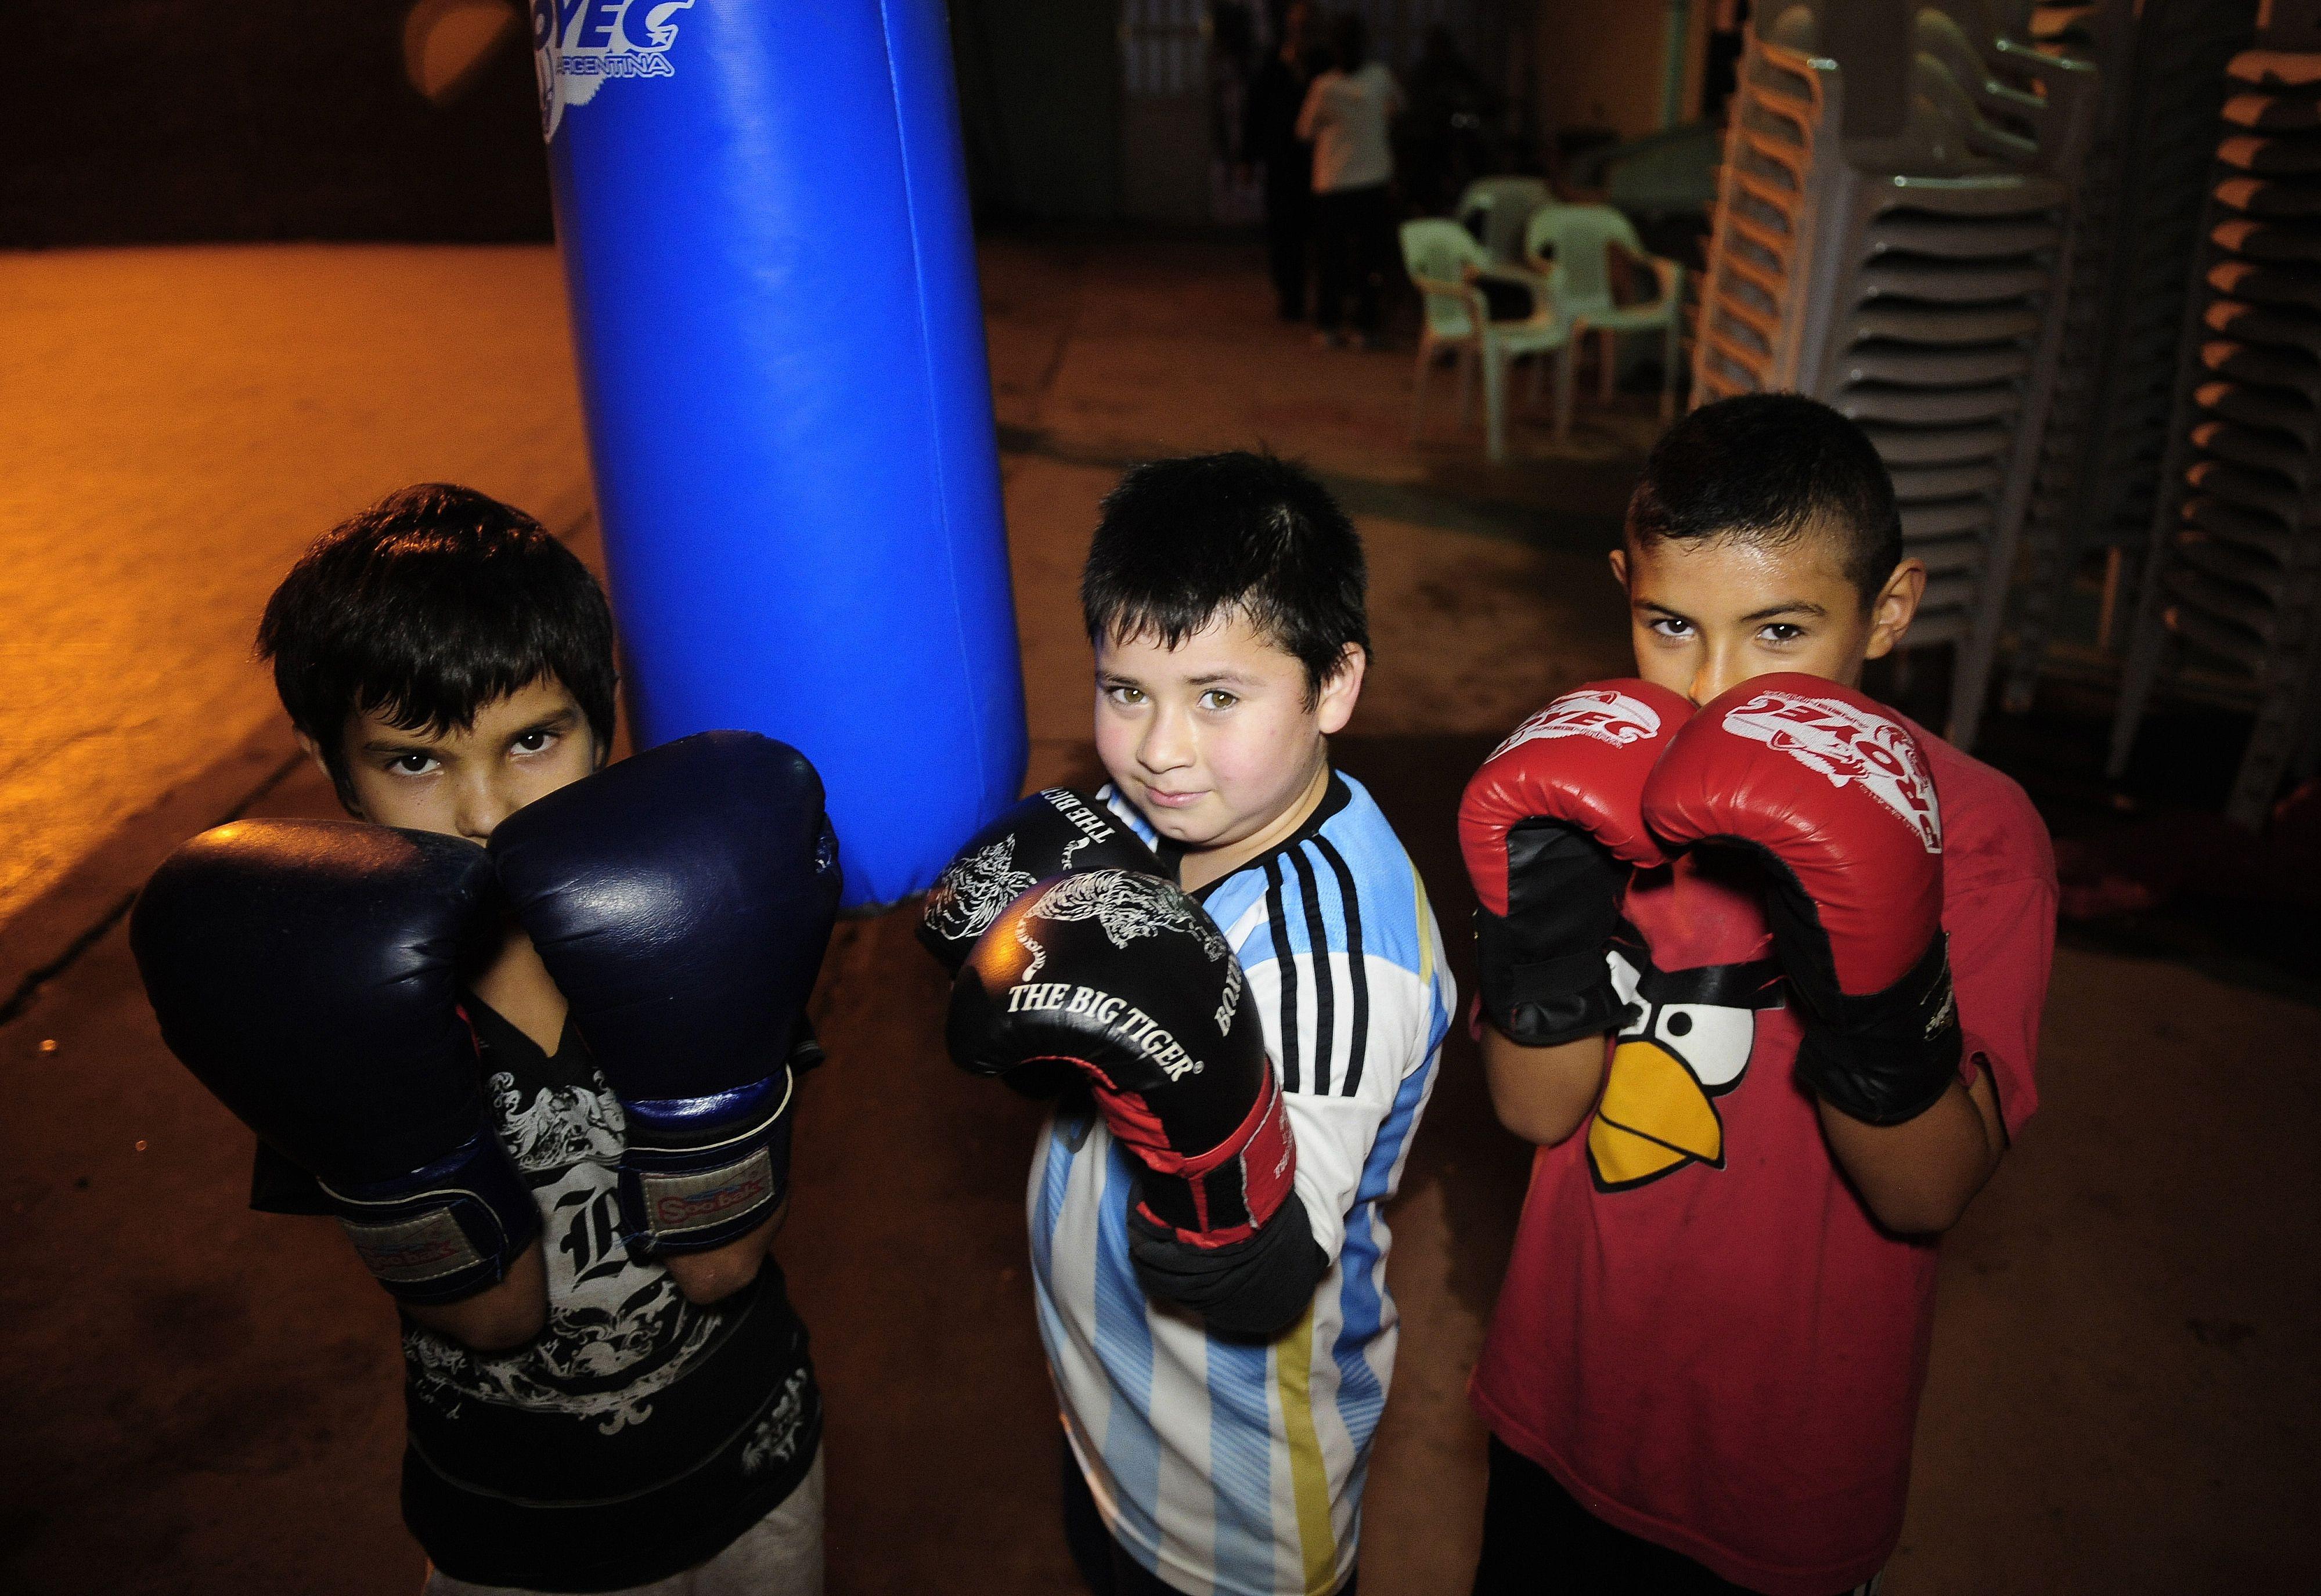 Los más chicos. A partir de los seis años los pequeños ya empiezan a entrenarse como futuros boxeadores. Hacen amigos y se sienten en familia.